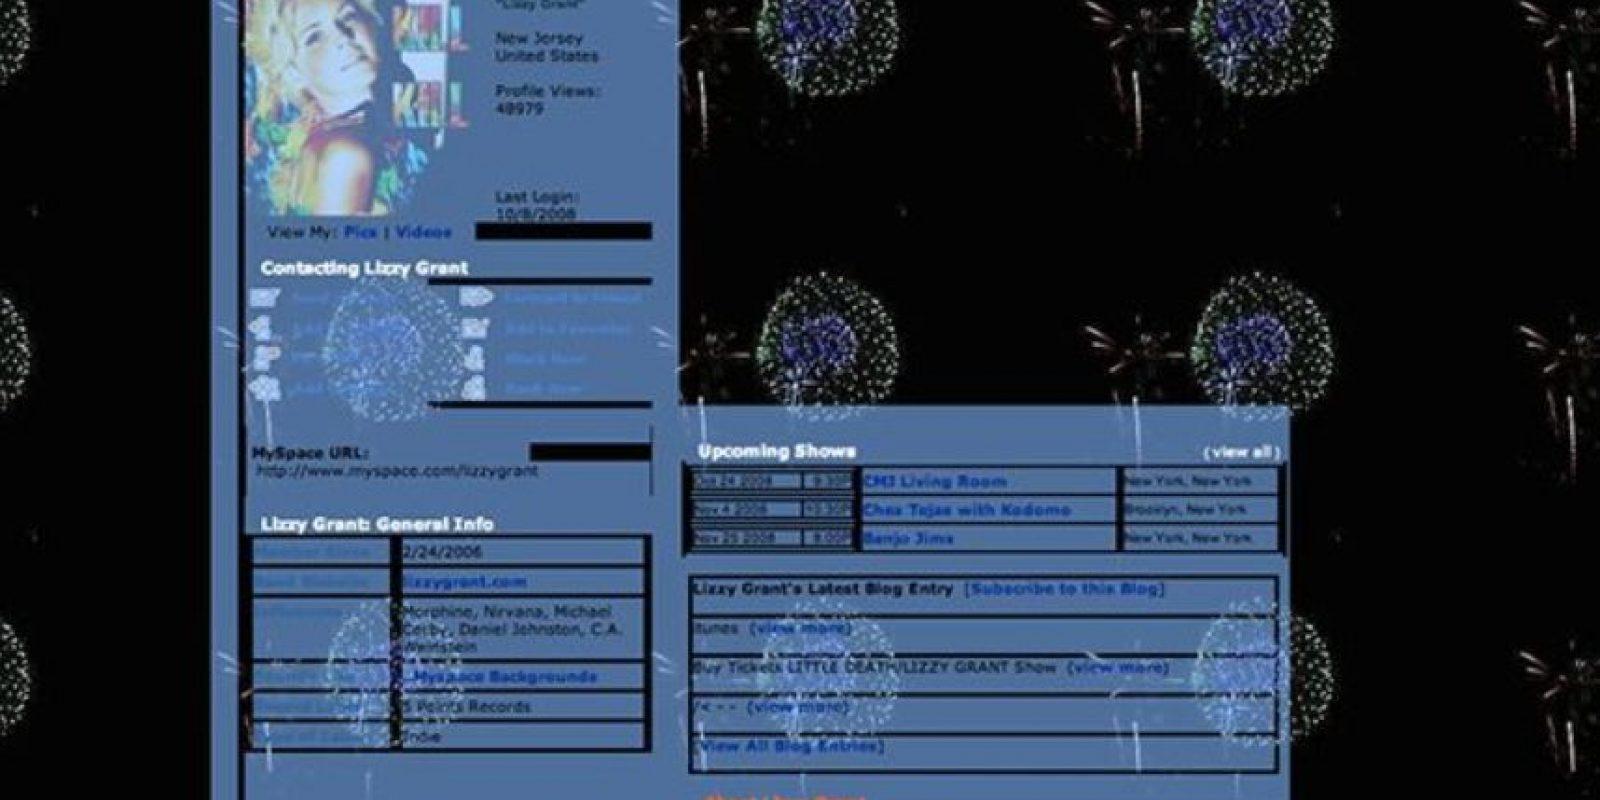 Una tipografía inentendible. Foto:vía MySpace